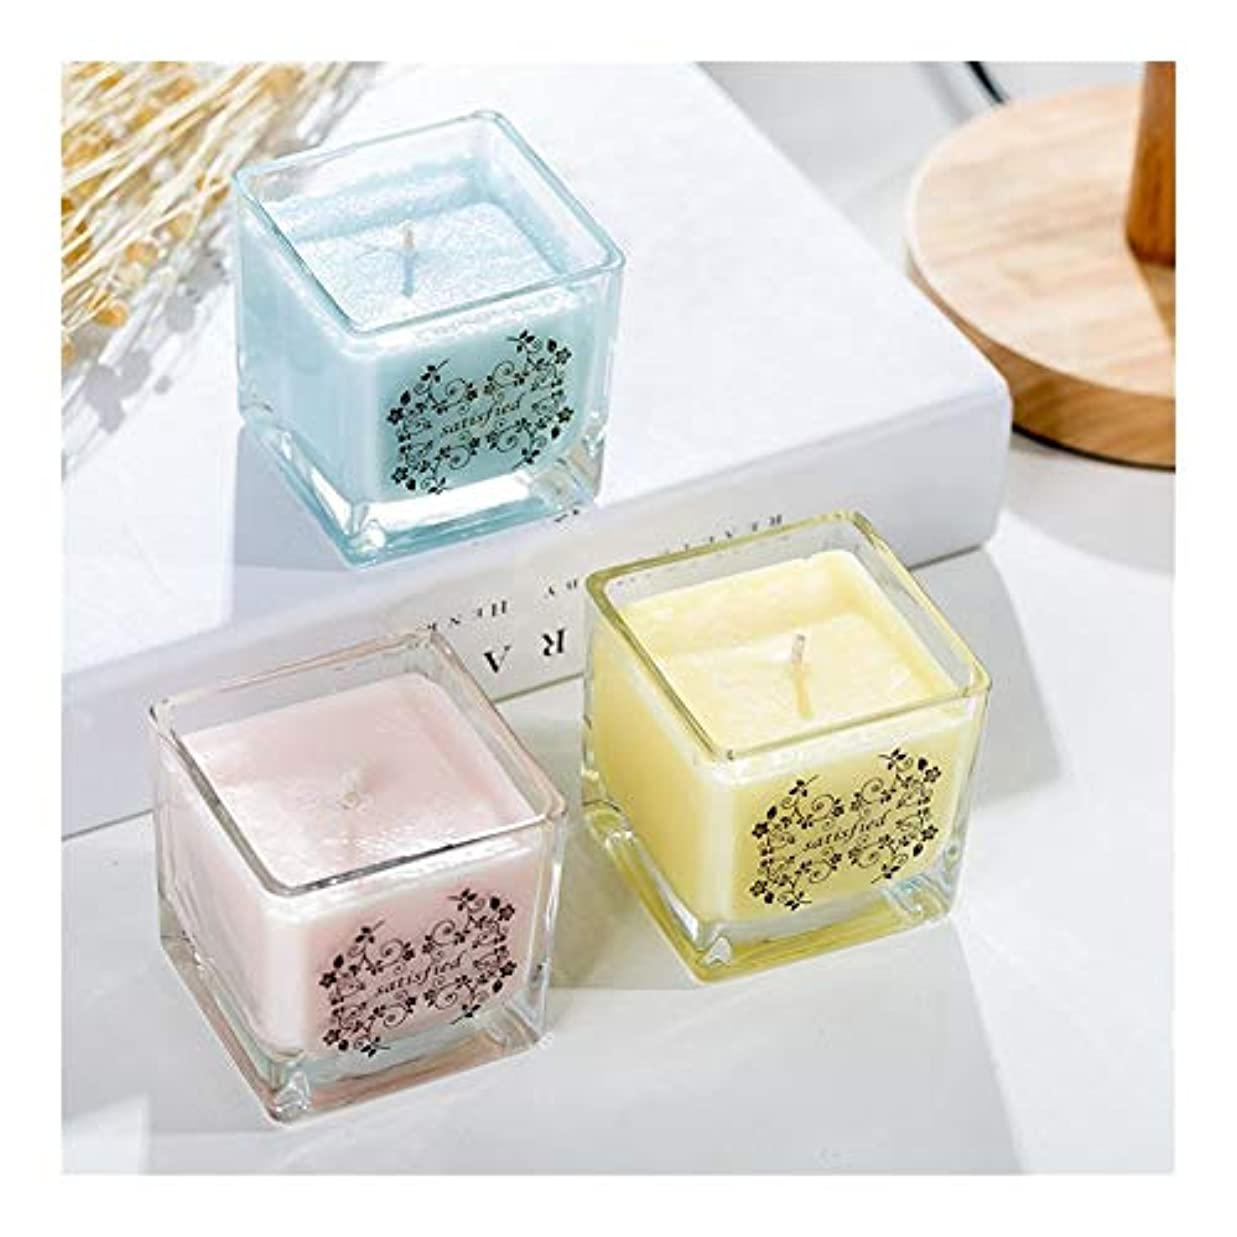 昇進コメンテーターセラーACAO 正方形の無煙ガラスの大豆の香料入りの蝋燭の屋内新鮮な空気のラベンダーの香り (色 : Lemon)